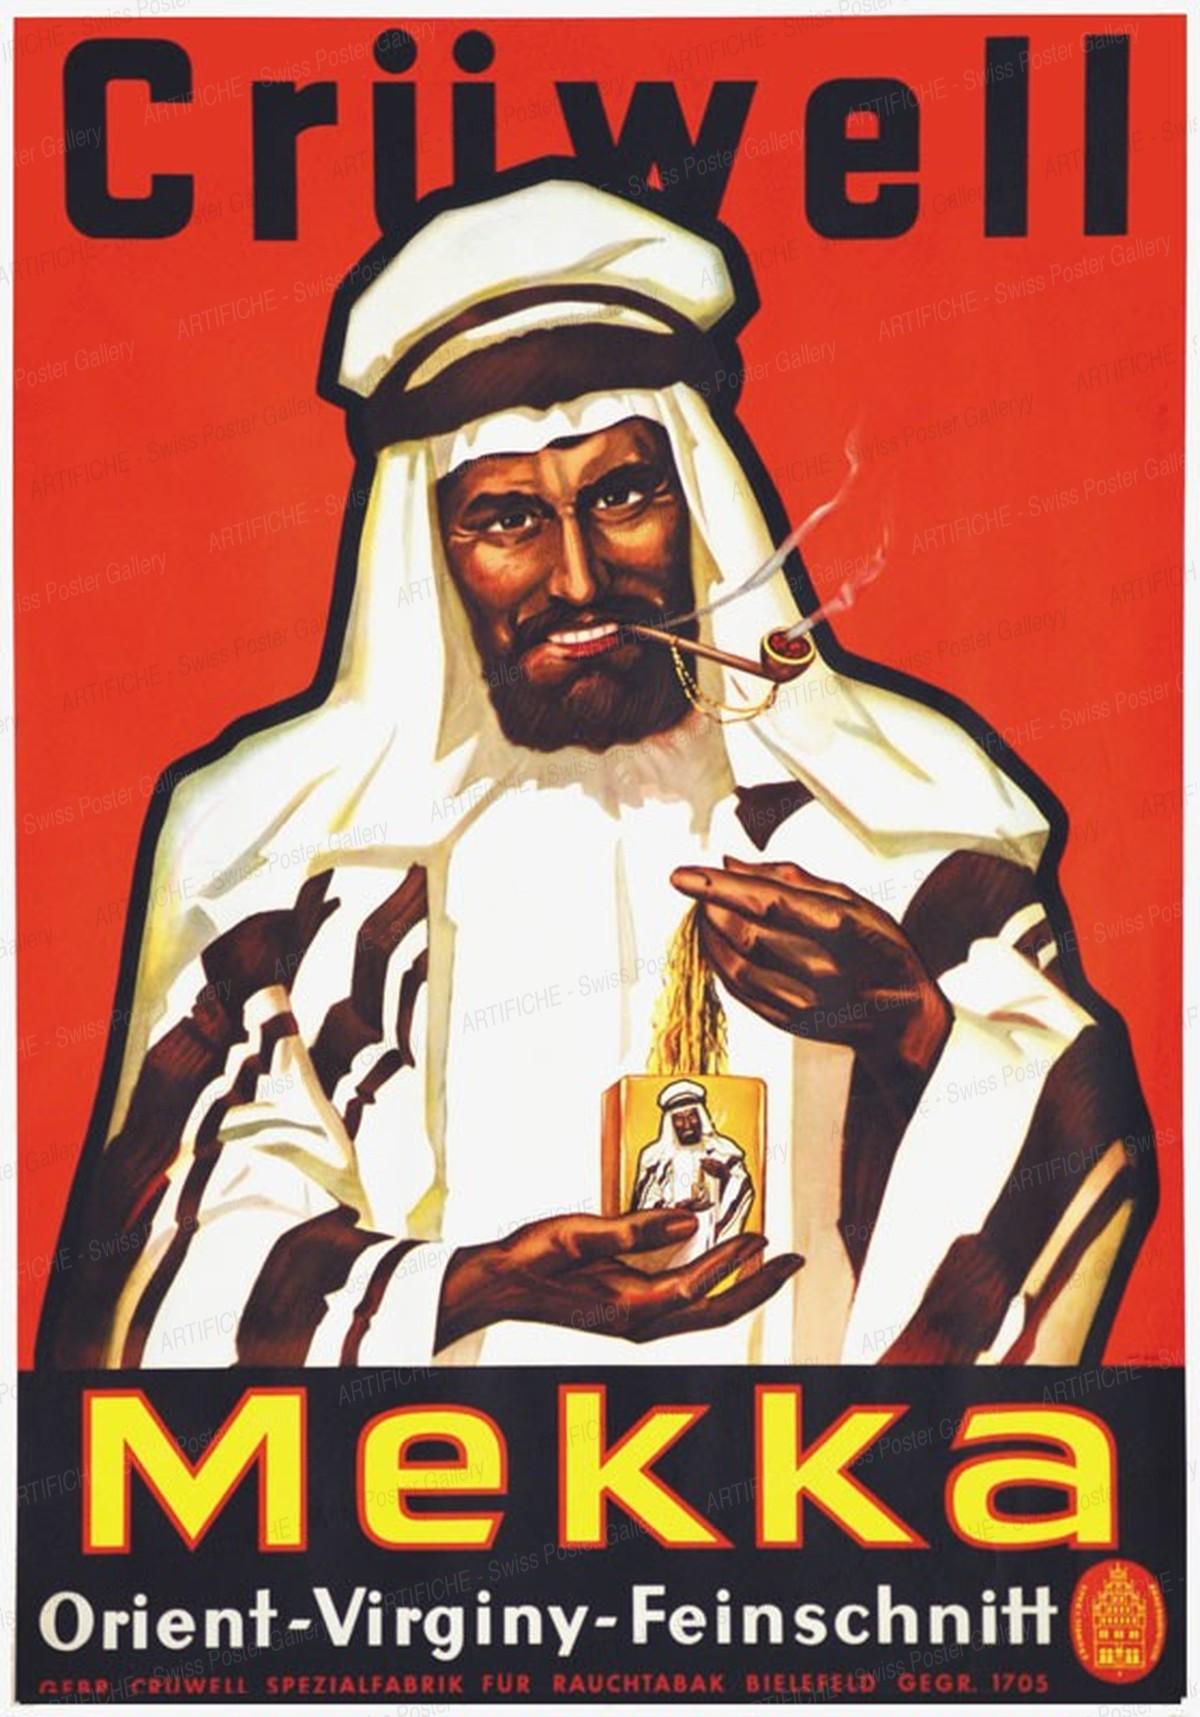 Crüwell Mekka Orient-Virginiy-Feinschnitt, Artist unknown